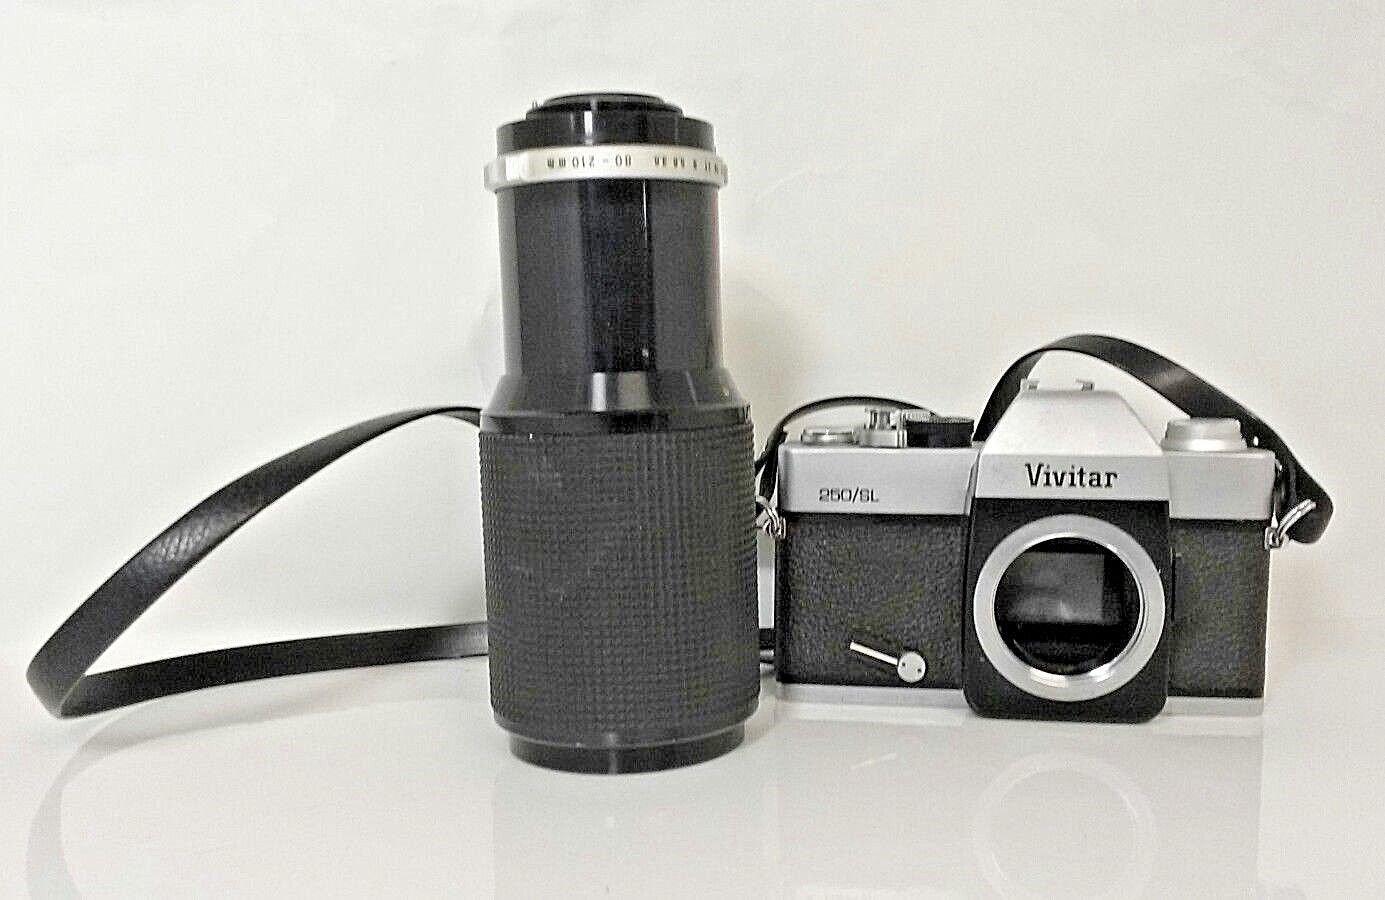 Vivitar 250/SL Camera & Soligor Auto-Zoom 1:3.8 f=80-210mm No32761257 Lens